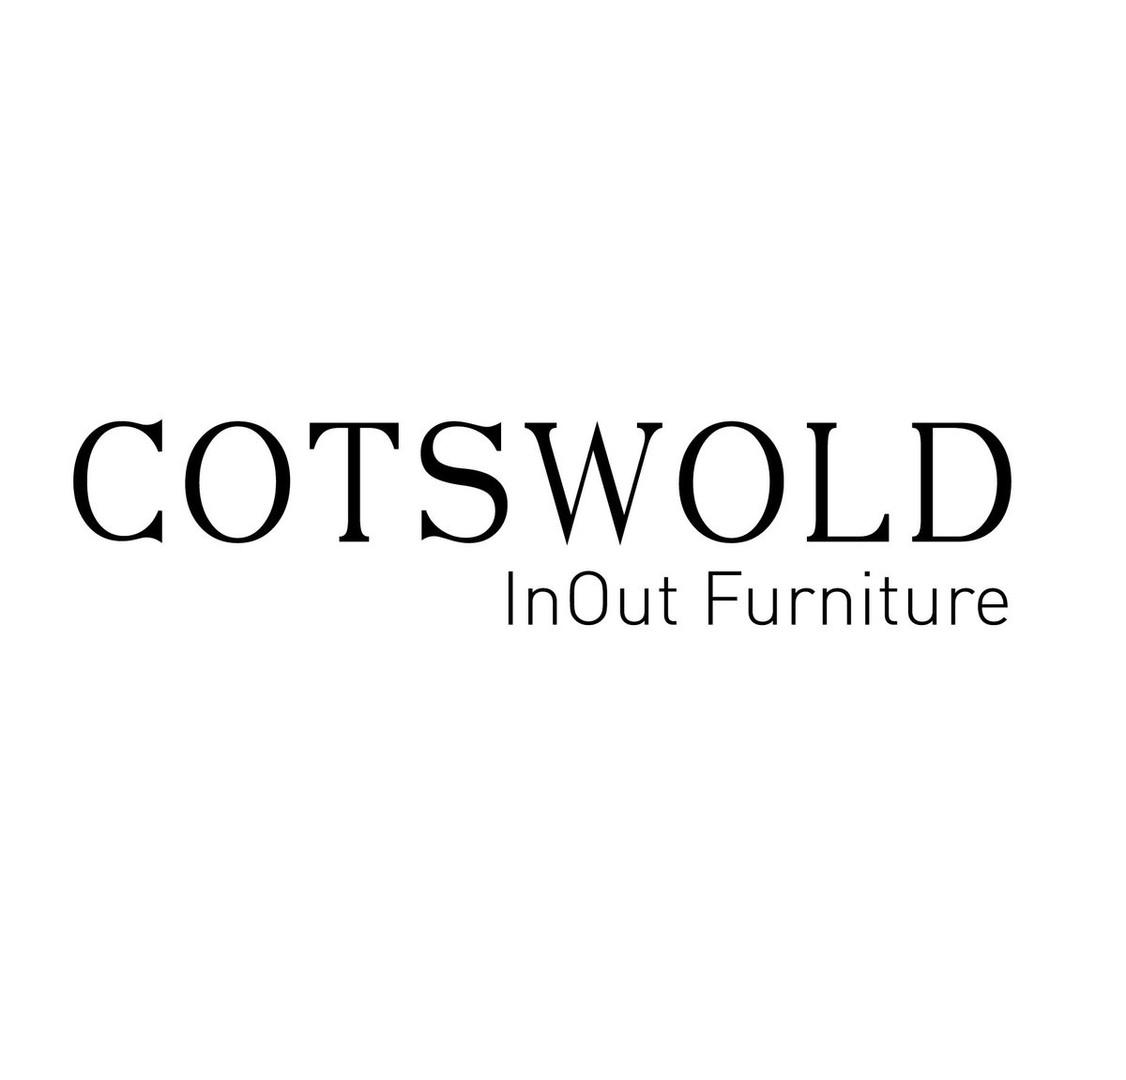 wl1200hp1200q85_Cotswold_logo_2016_300dp